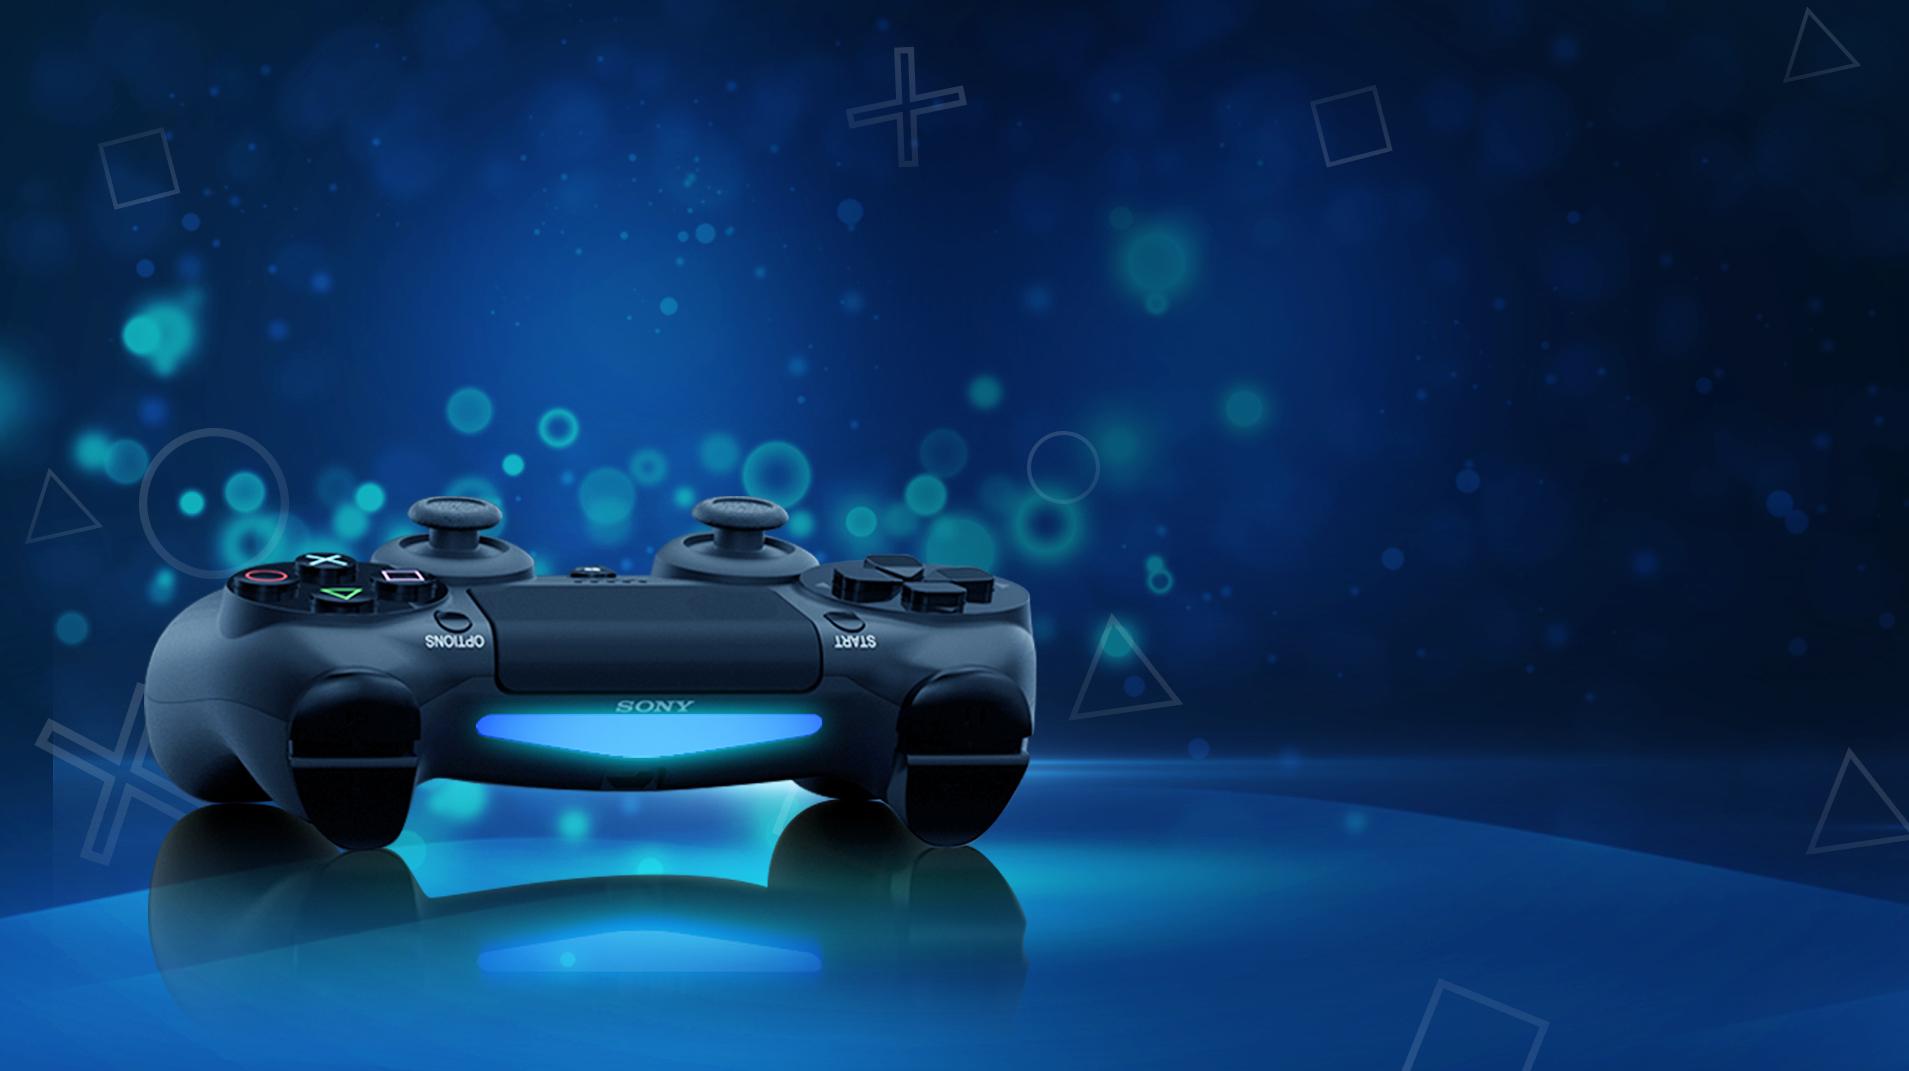 ส่องสเปก Playstation 5 ใช้ซีพียู AMD Zen2 8Core การ์ดจอ Navi มาพร้อมระบบ Raytracing และรองรับความละเอียดสูงถึง 8K กันเลยทีเดียว